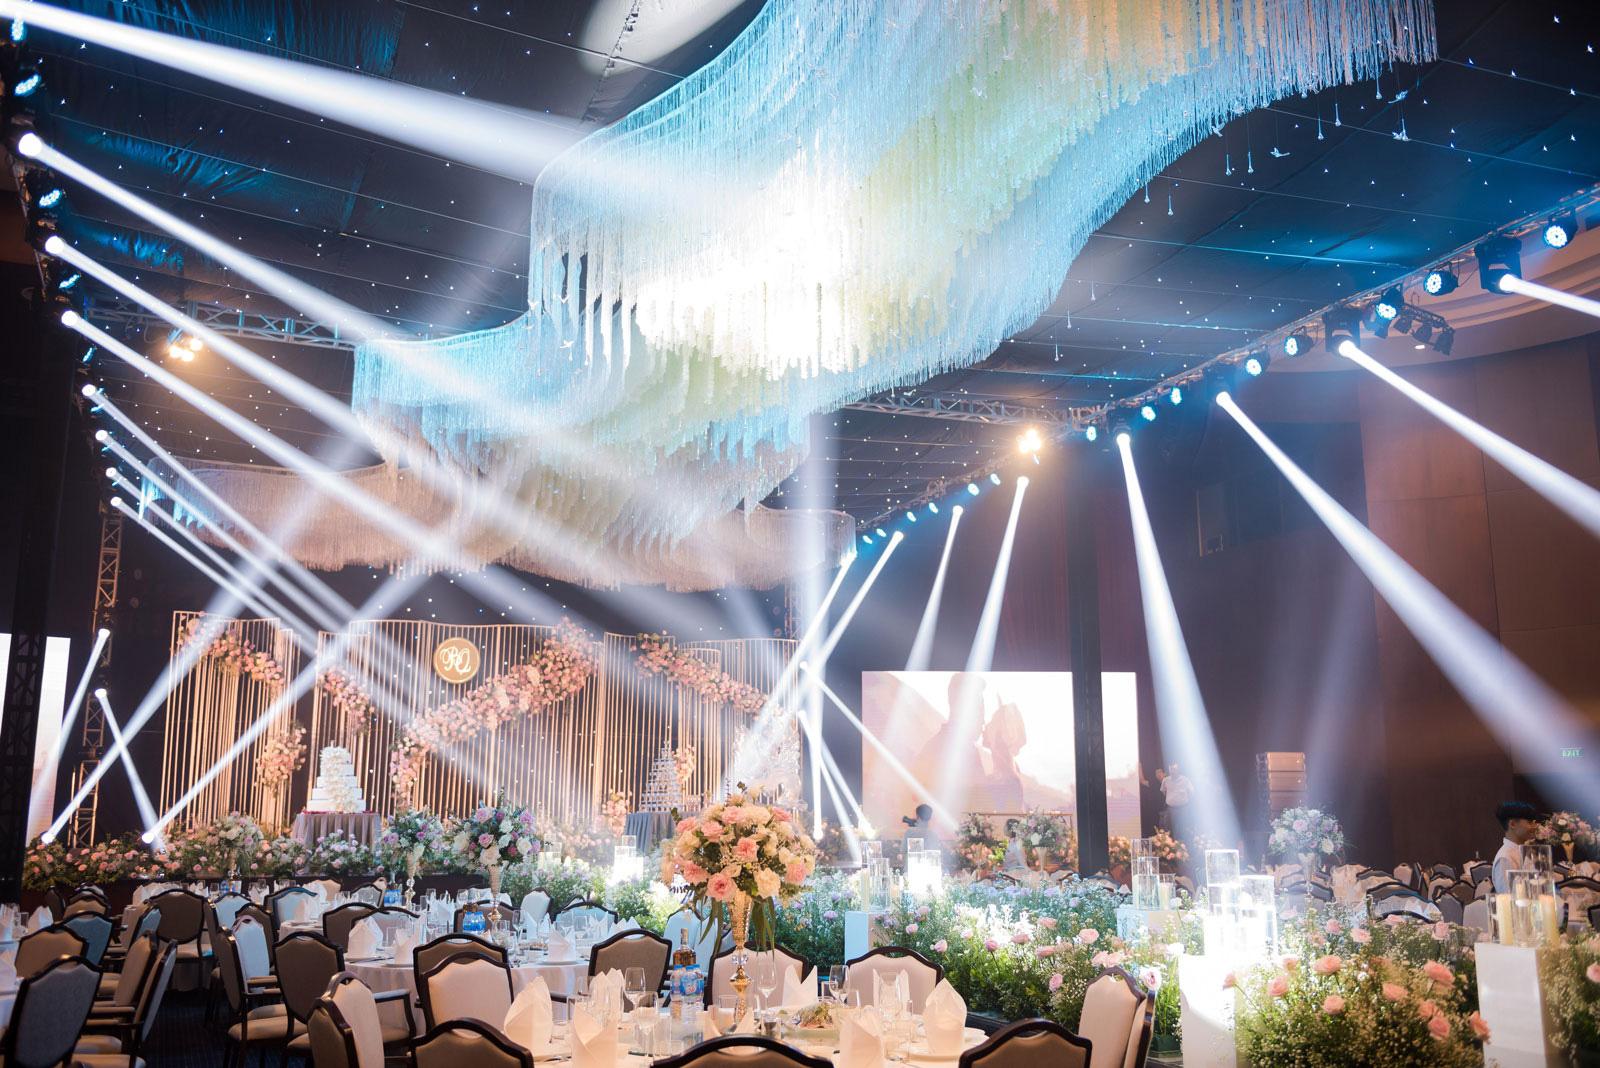 Không gian tiệc cưới như cổ tích tại FLC Hạ Long- Khách sạn Hội nghị hàng đầu châu Á - Ảnh 1.